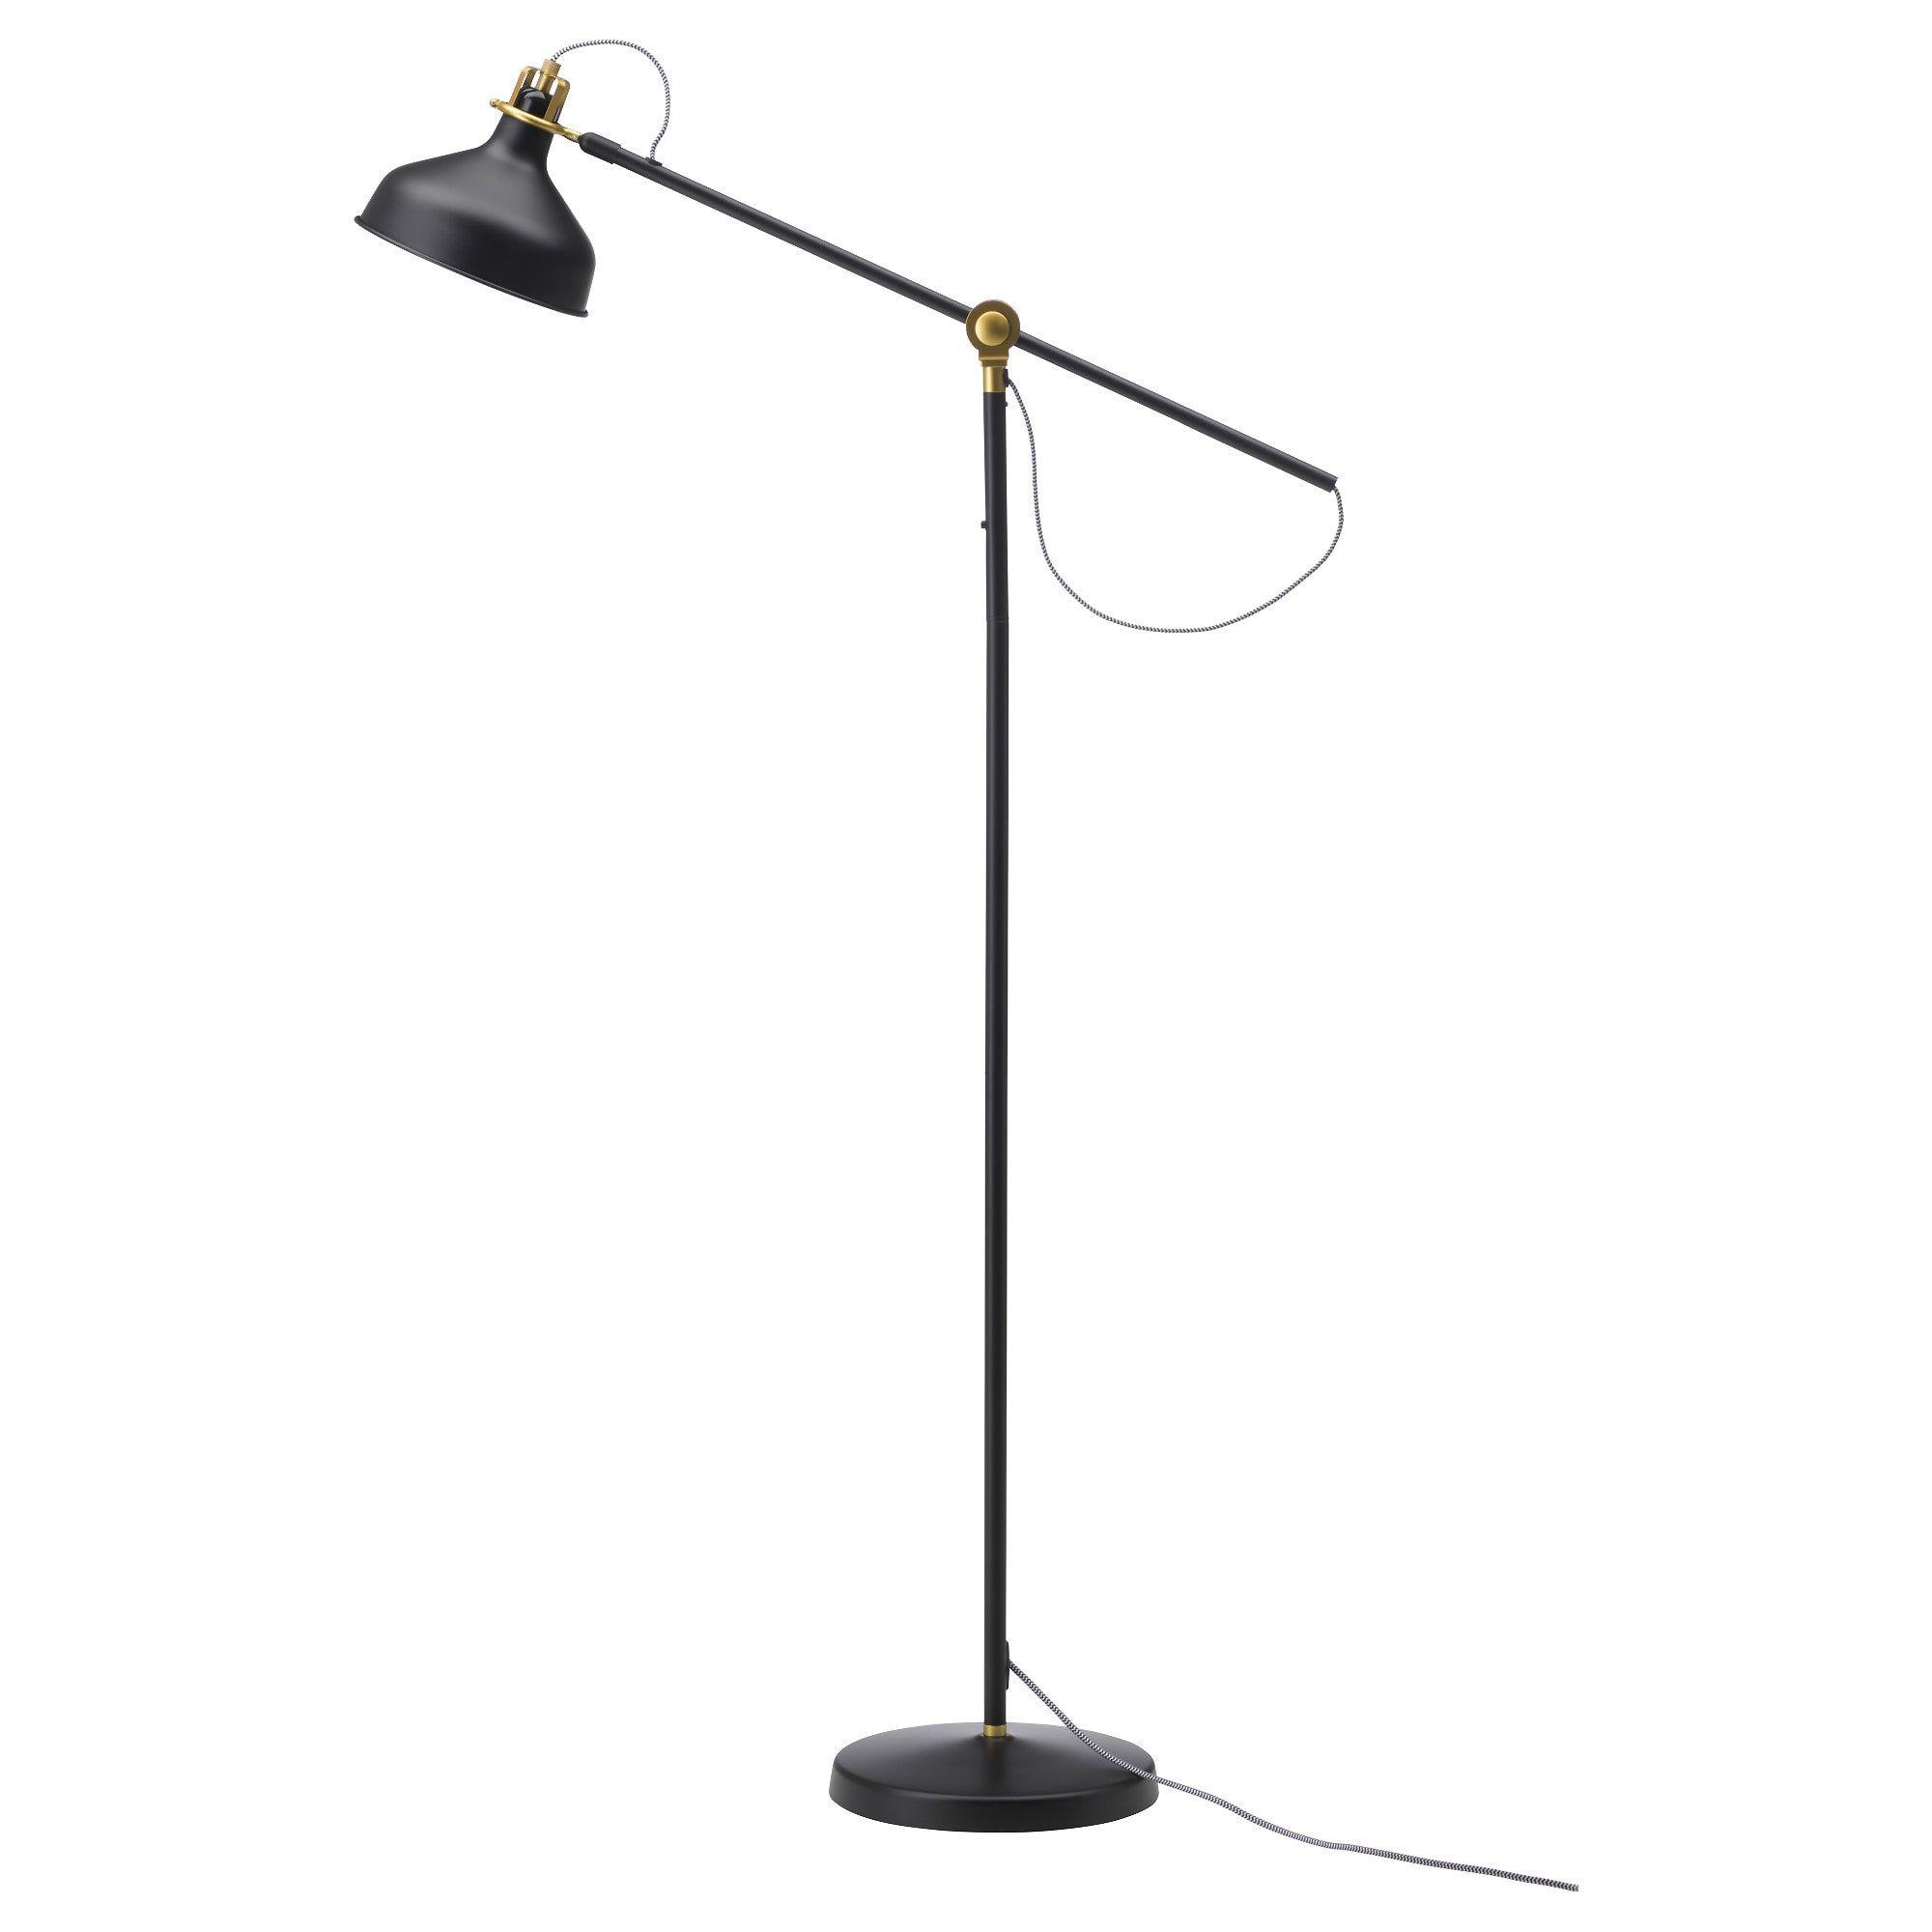 Full Size of Ikea Stehlampe Stehlampenschirm Hektar Deckenfluter Stehlampen Wohnzimmer Papier Schirm Led Ranarp Floor Reading Lamp Black Genial Küche Kosten Kaufen Wohnzimmer Ikea Stehlampe